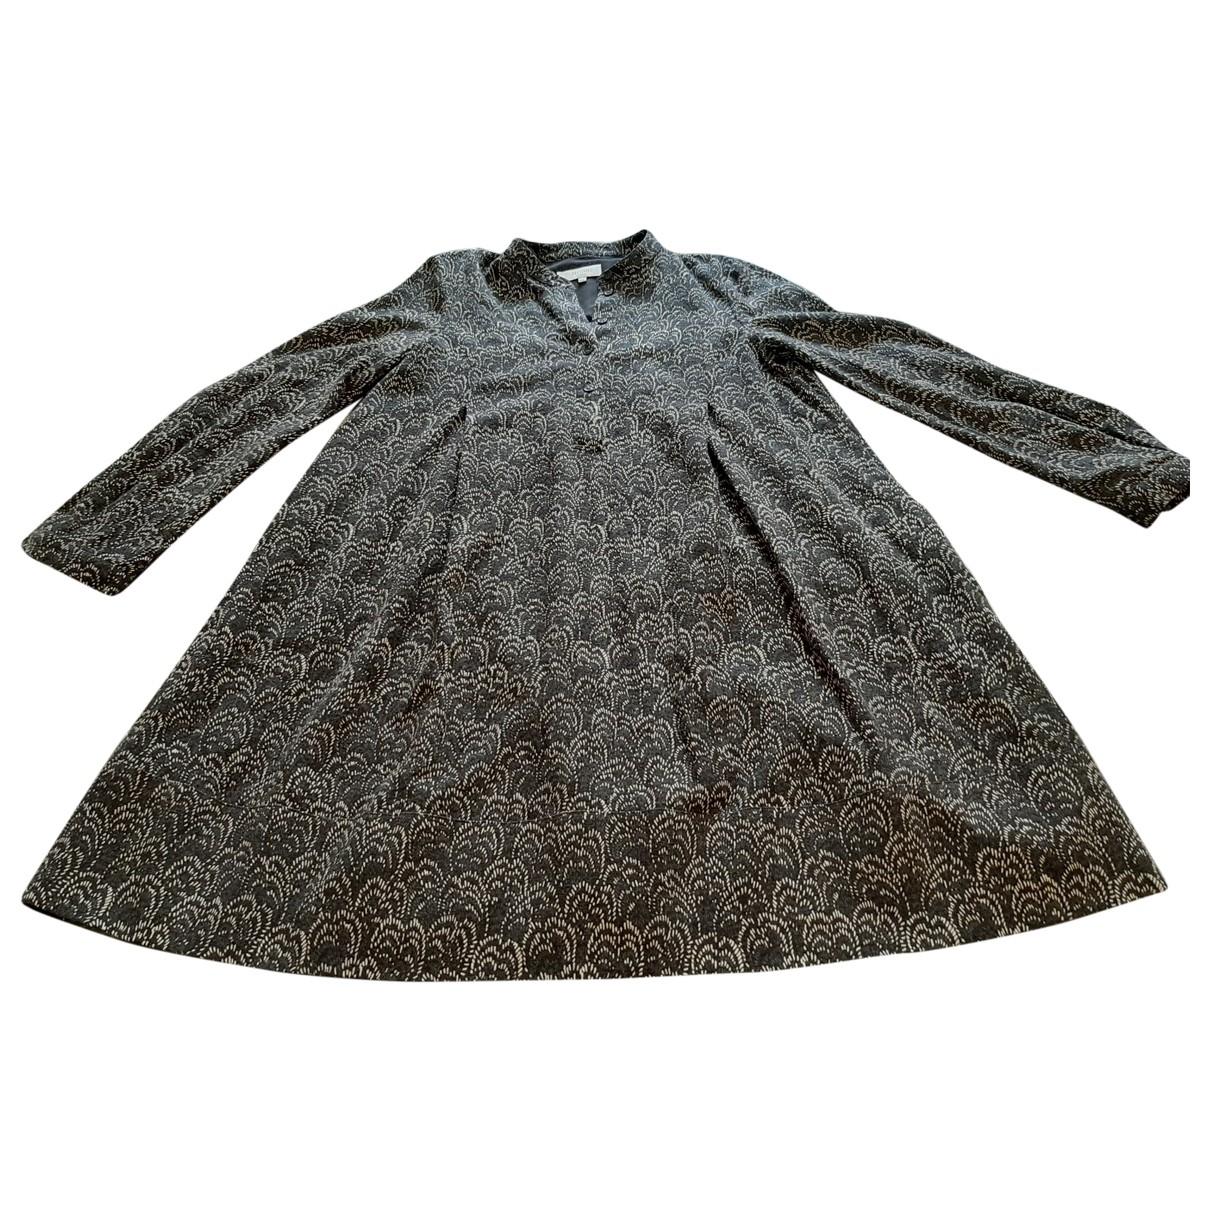 Hobbs \N Kleid in  Braun Wolle